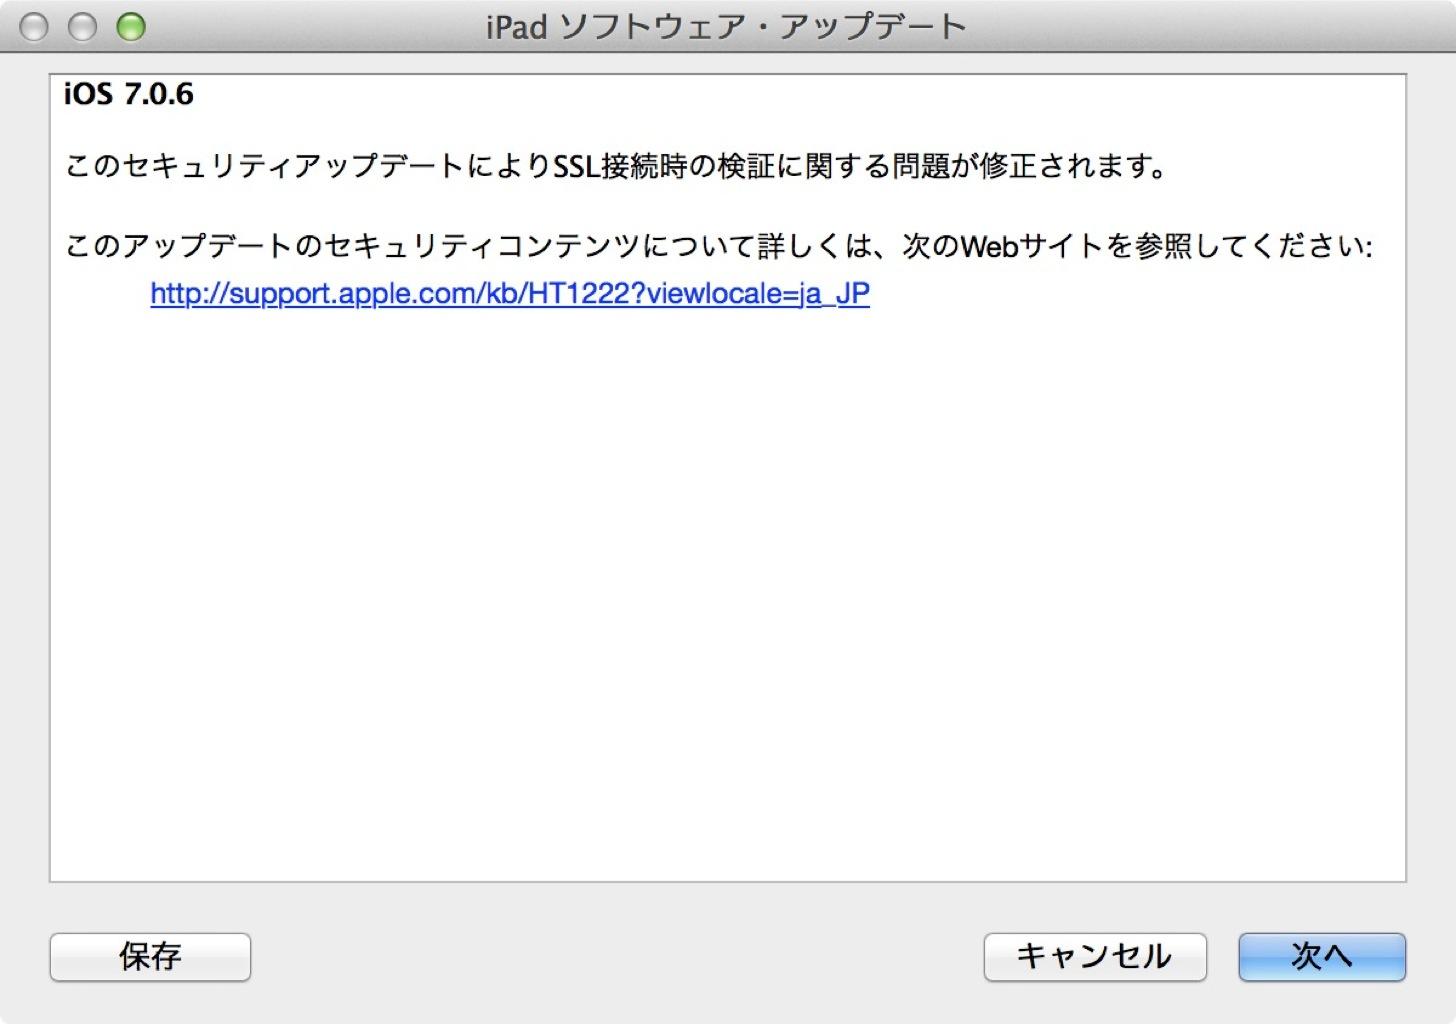 iOS7.0.6